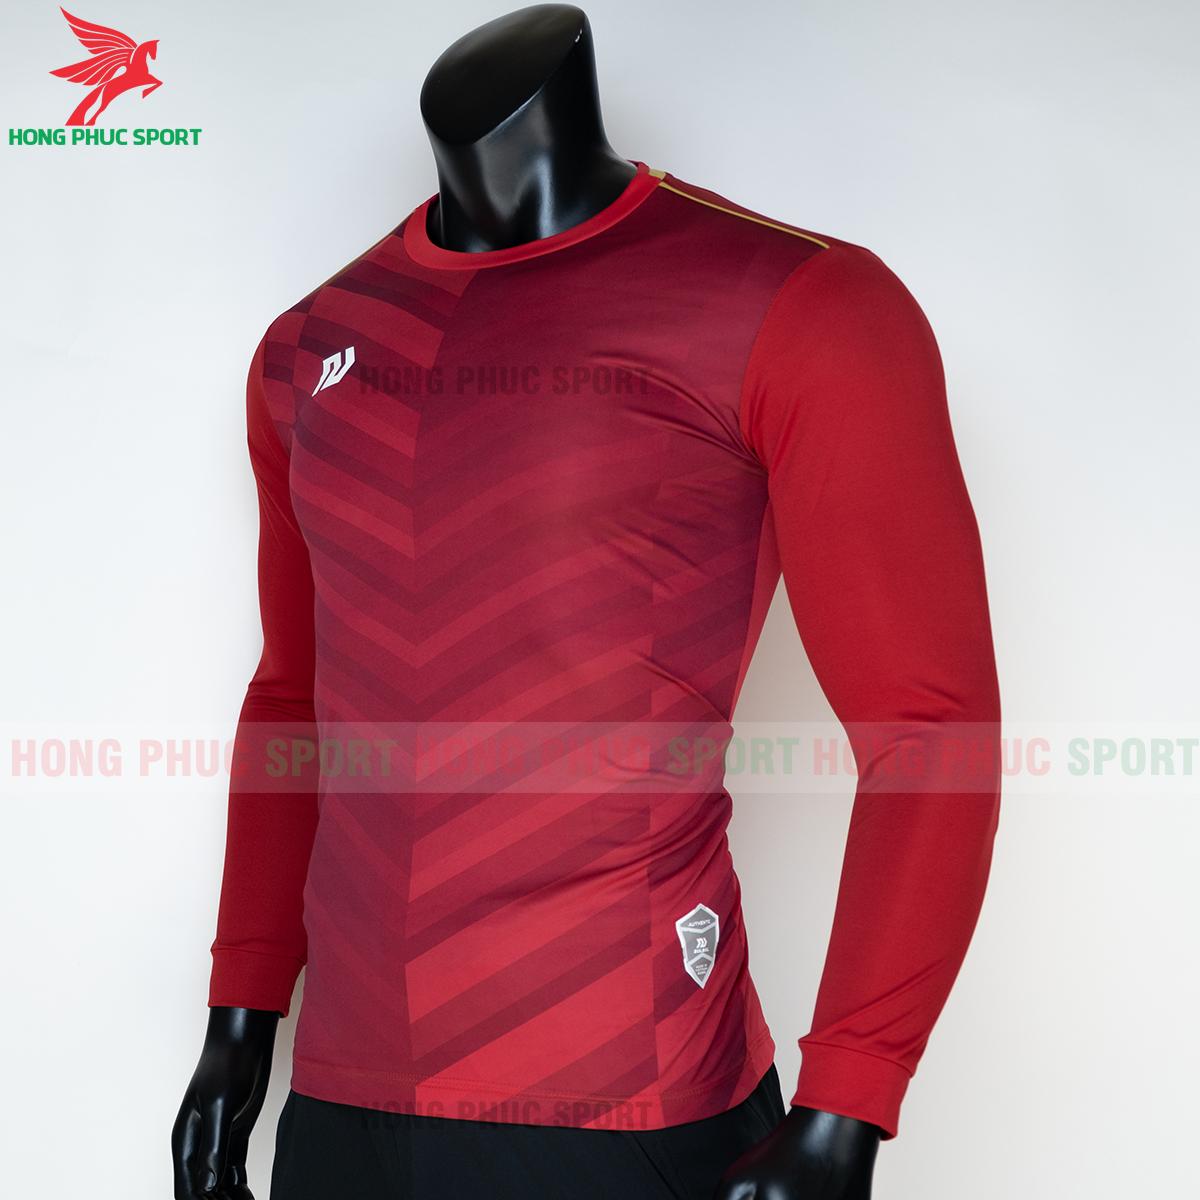 https://cdn.hongphucsport.com/unsafe/s4.shopbay.vn/files/285/ao-thu-mon-bulbal-2020-do-5-5f72b55ba15d5.png